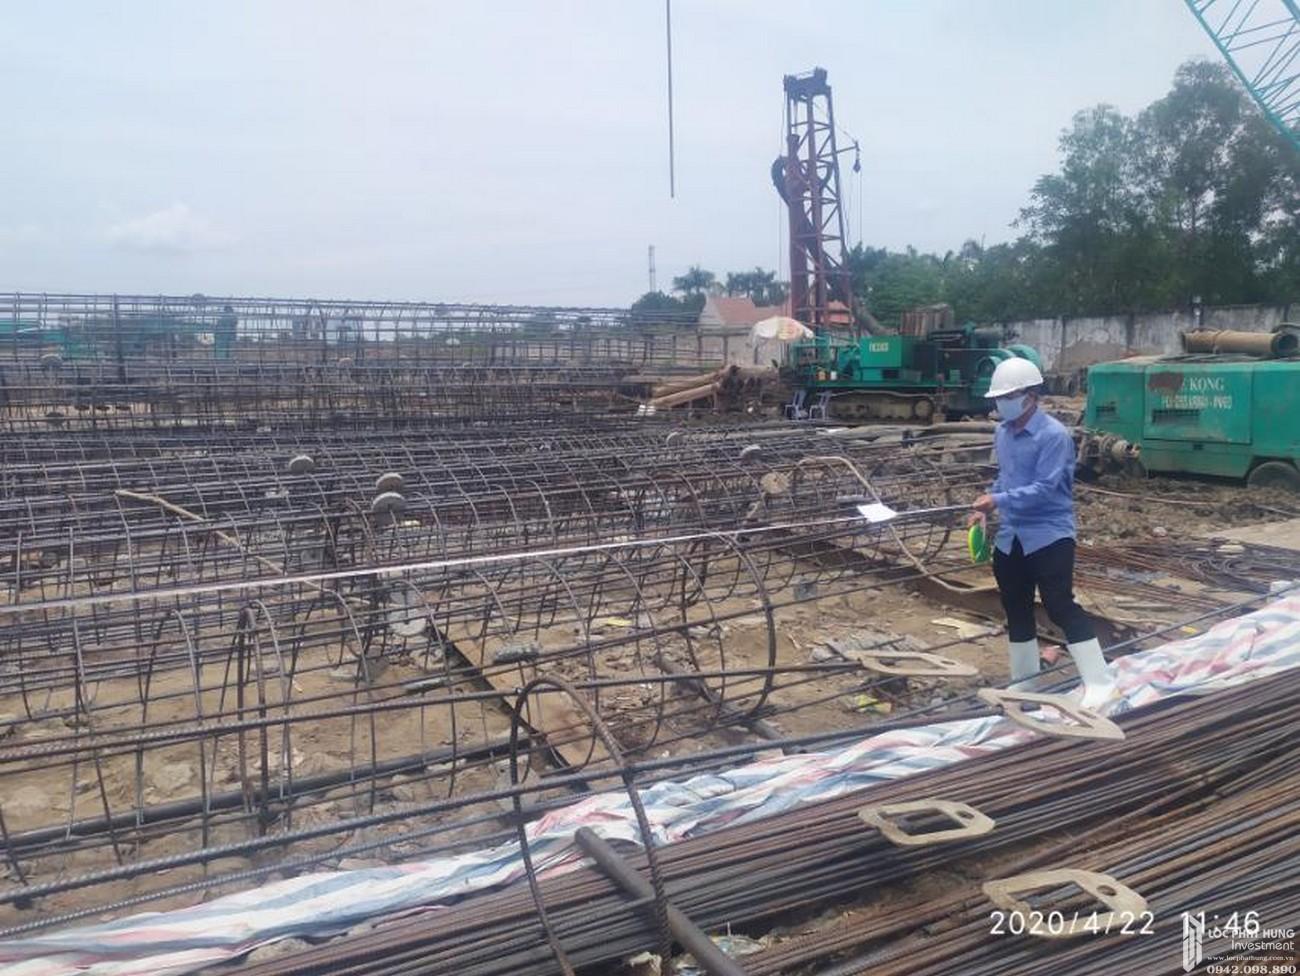 Tiến độ dự án căn hộ chung cư La Partenza Nhà Bè 04/2020